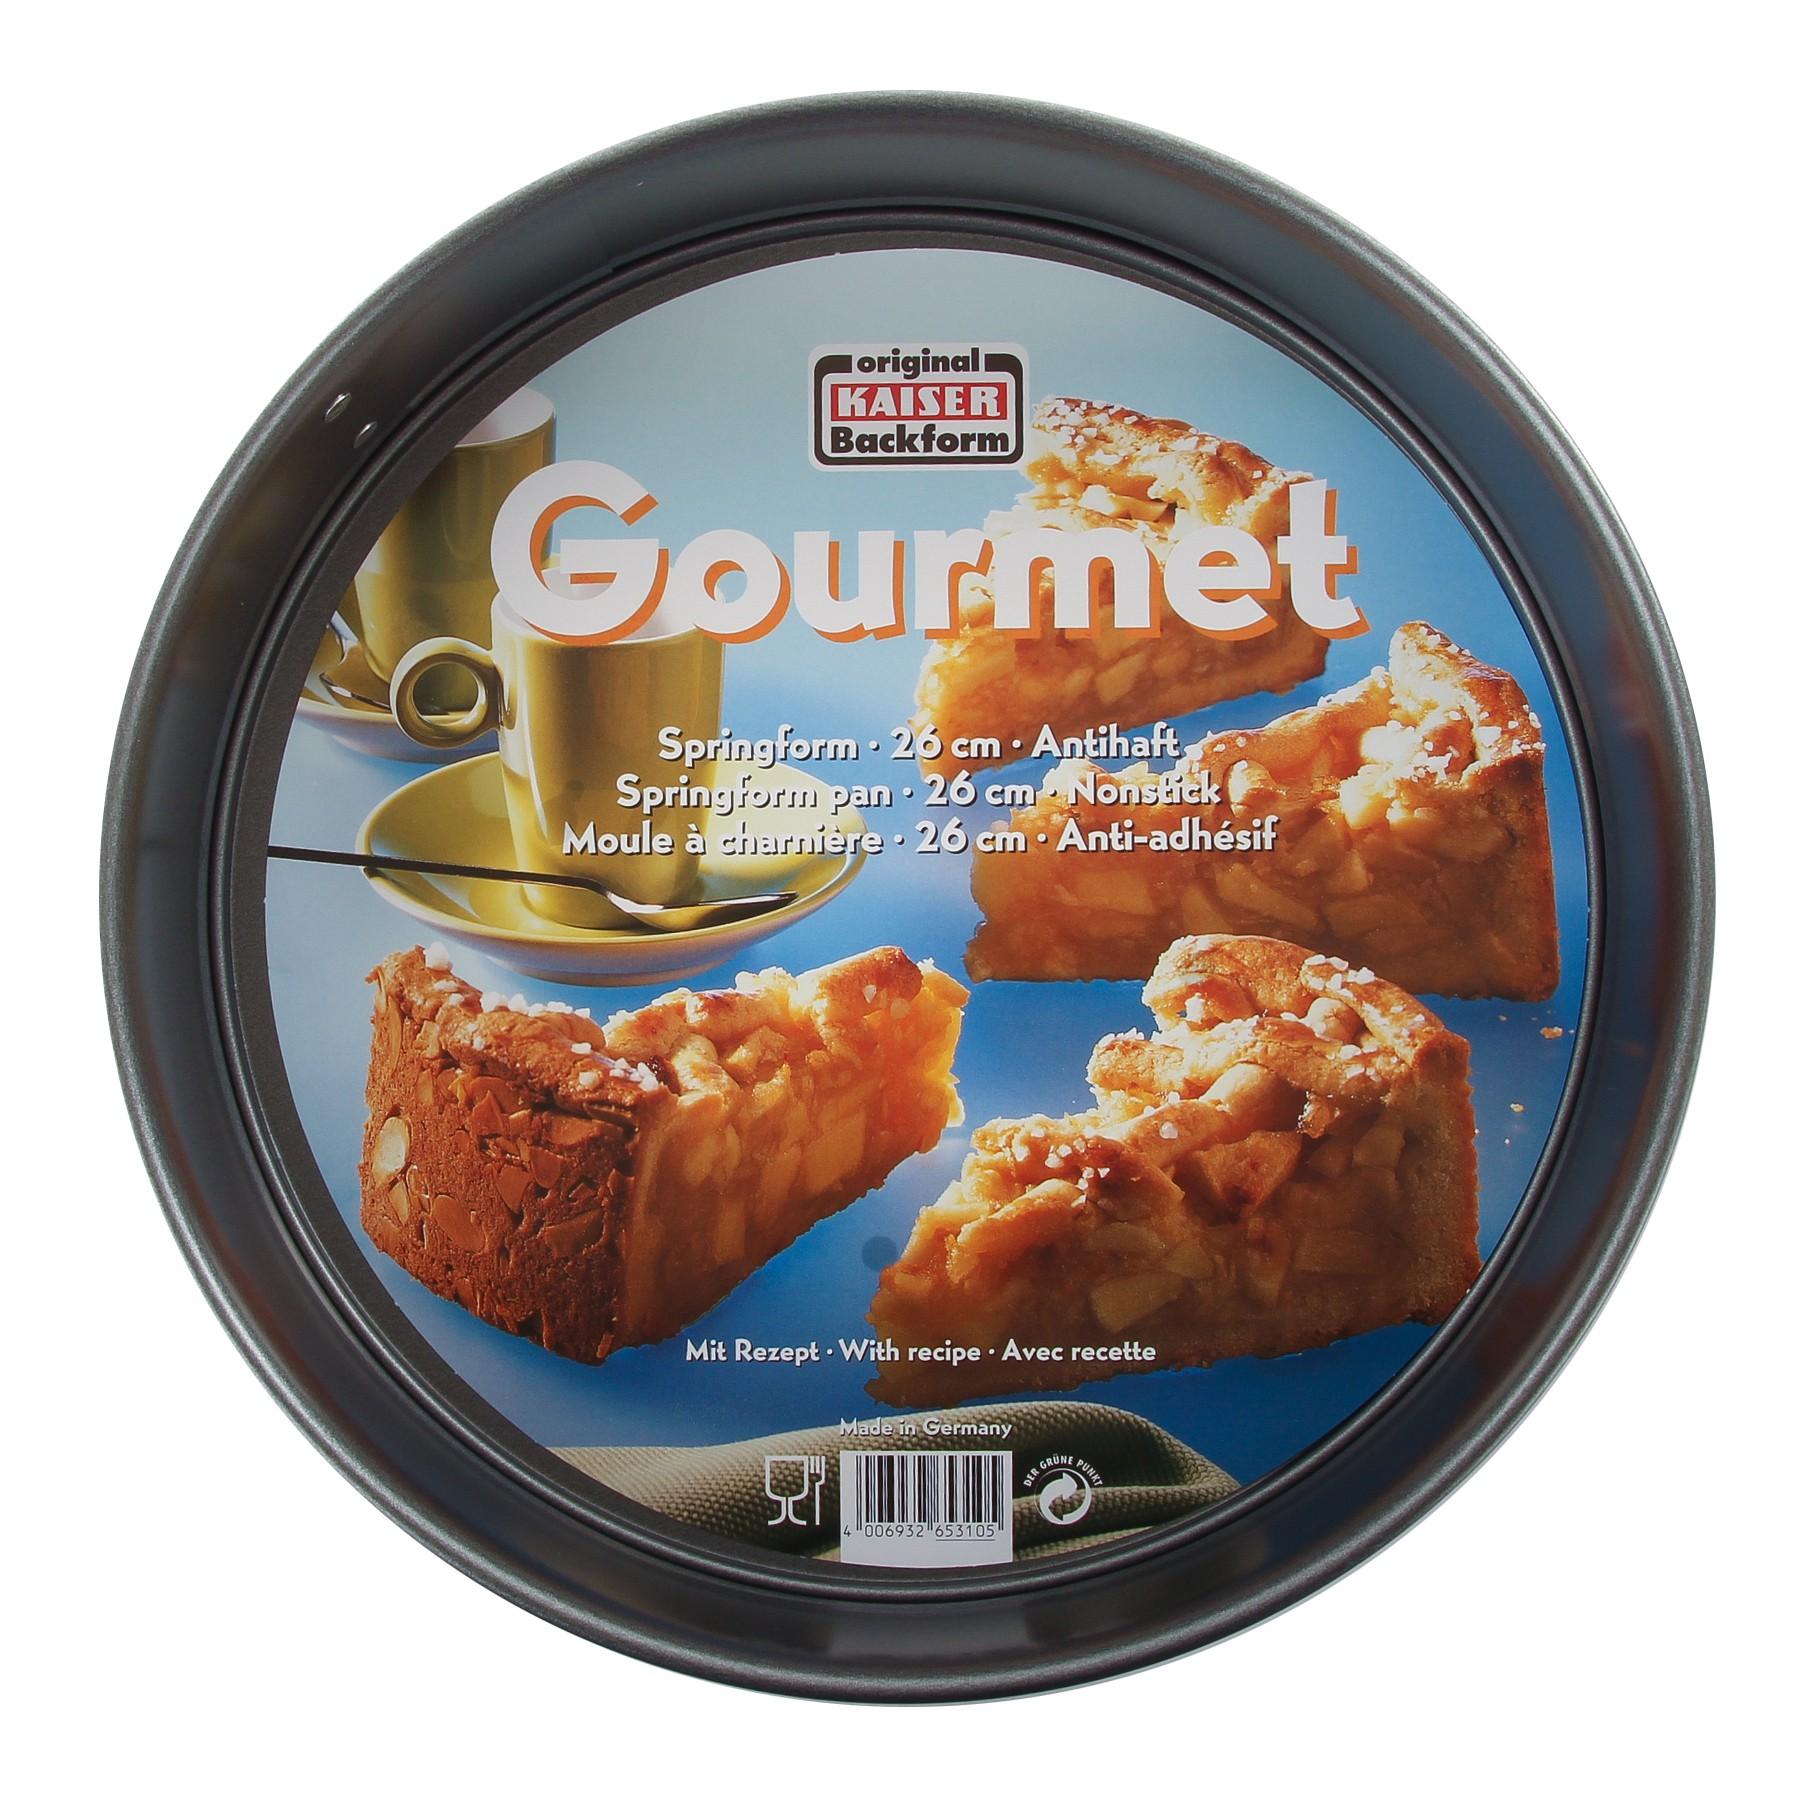 KAISER Springform 26cm Gourmet Sopro 653105 Bild https://cdn03.plentymarkets.com/zsy4vjx32p87/item/images/5064/full/4006932653105-ama-01.JPG